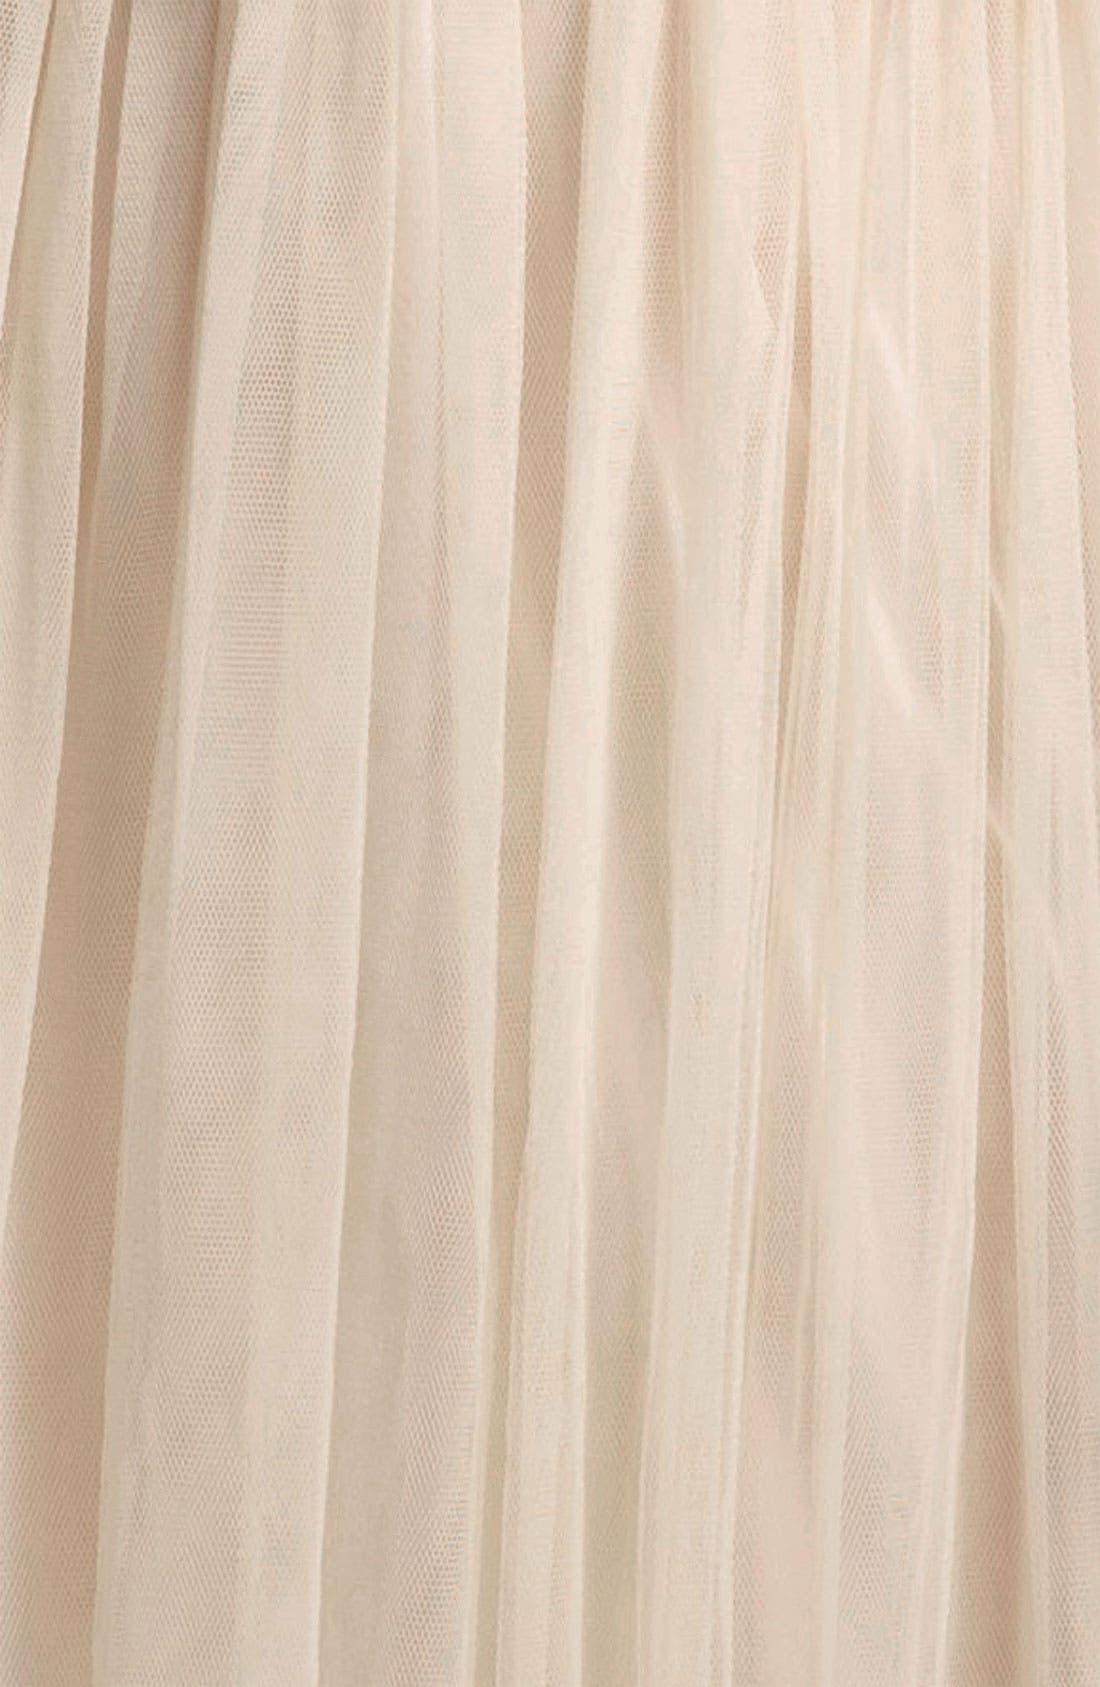 Alternate Image 3  - Fire Crochet Tulle Dress (Juniors)